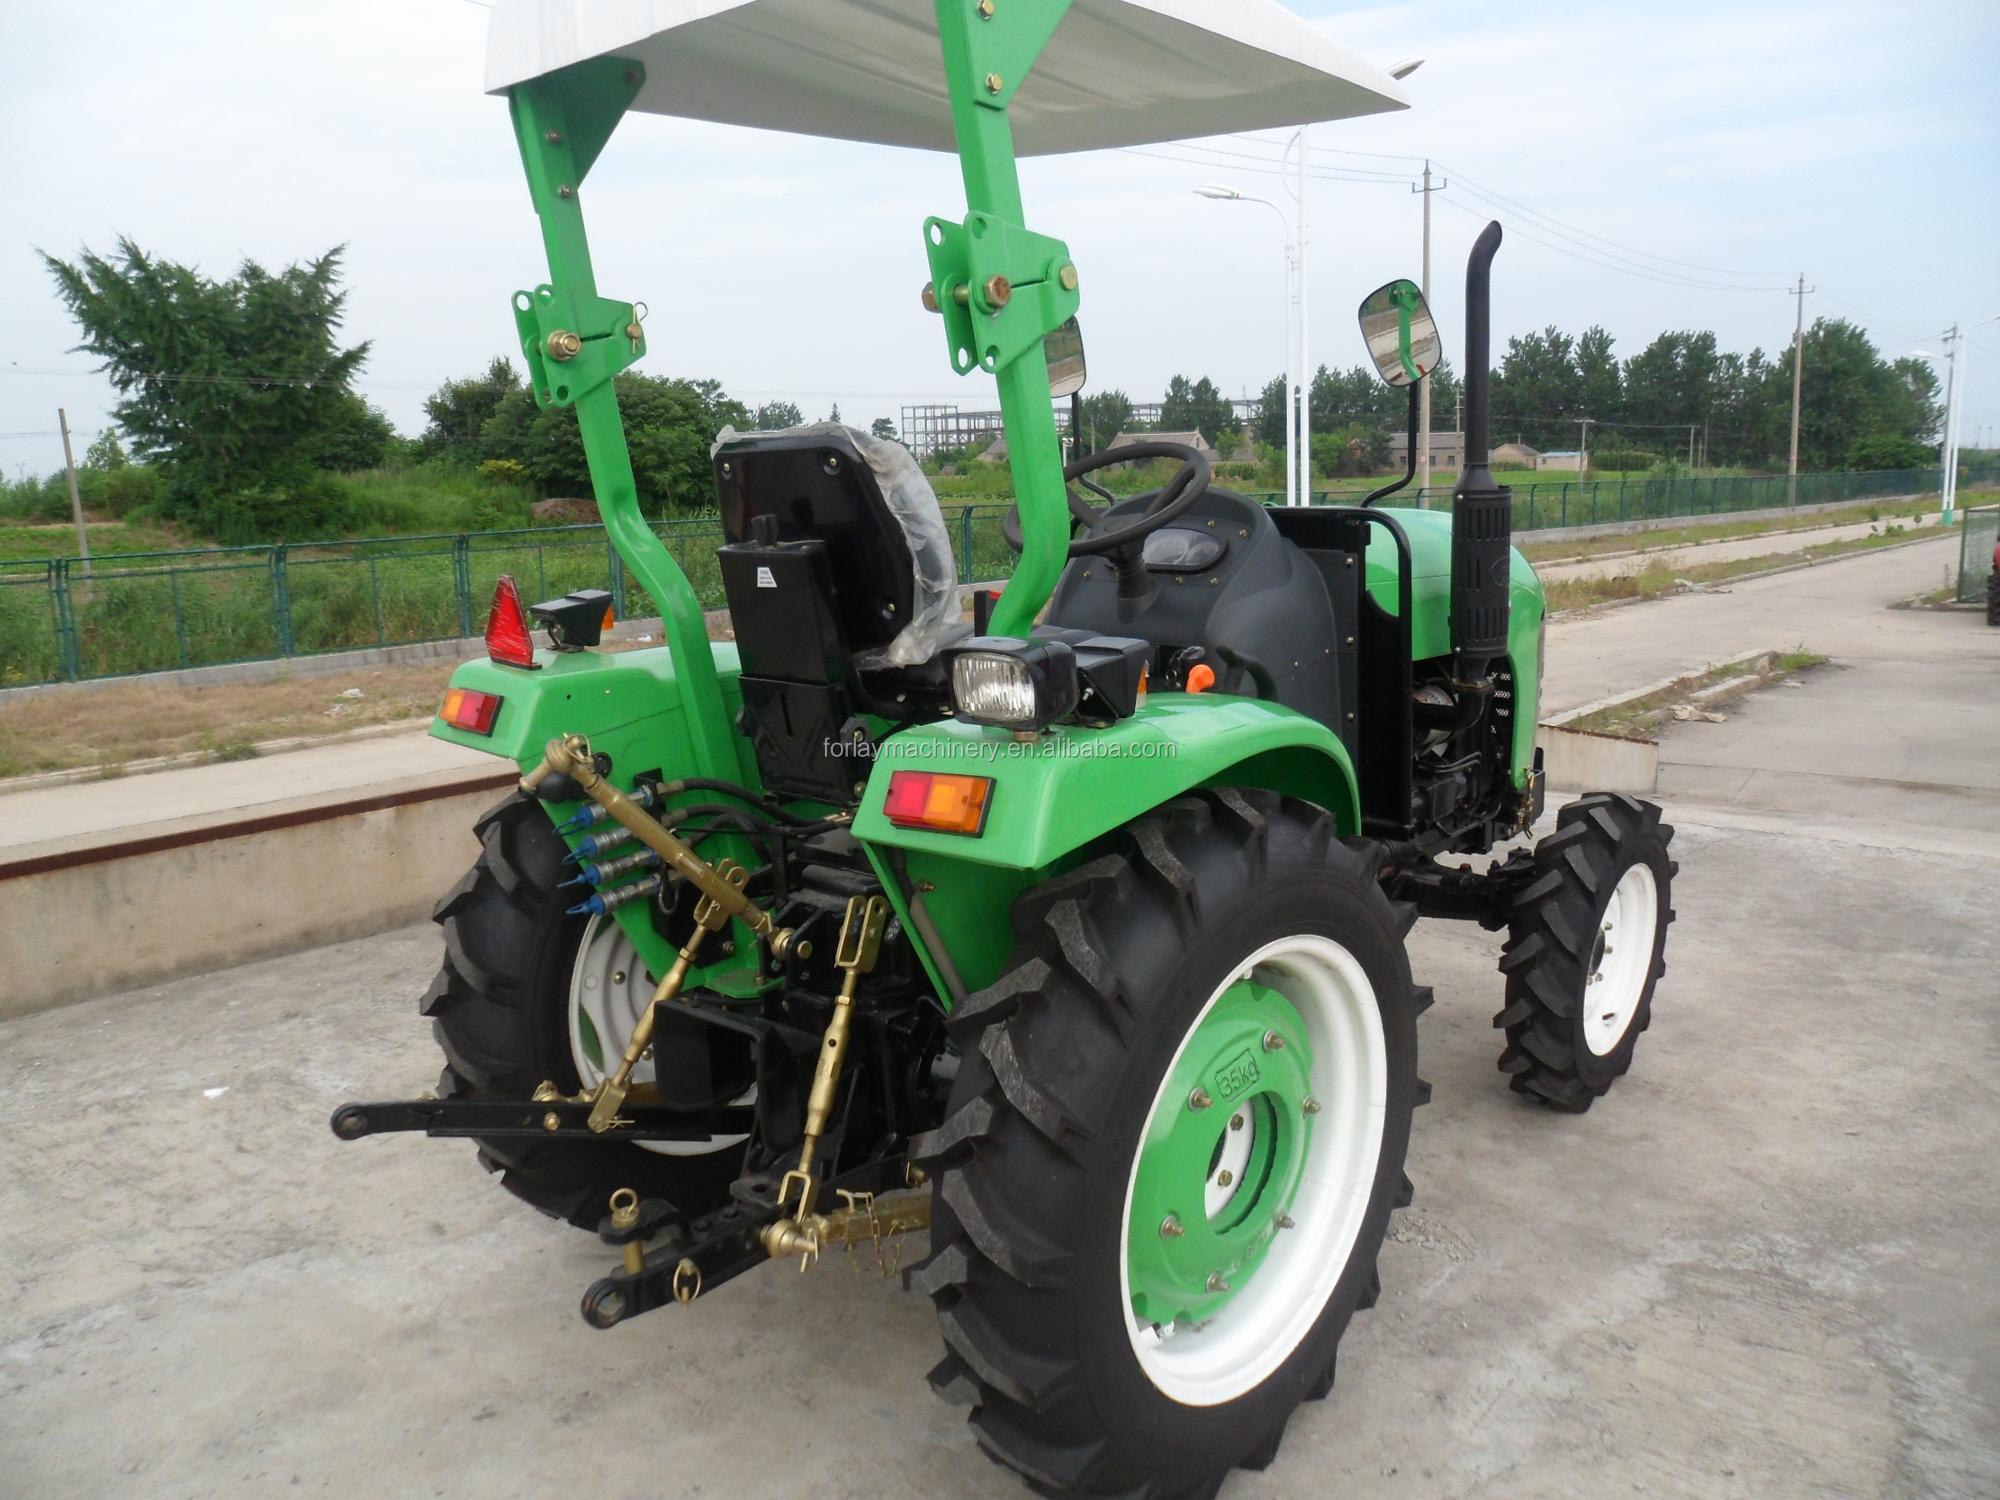 Jm-254 Jinma Tractor Mini 25hp 4wd,Engine Meet Epaiv - Buy